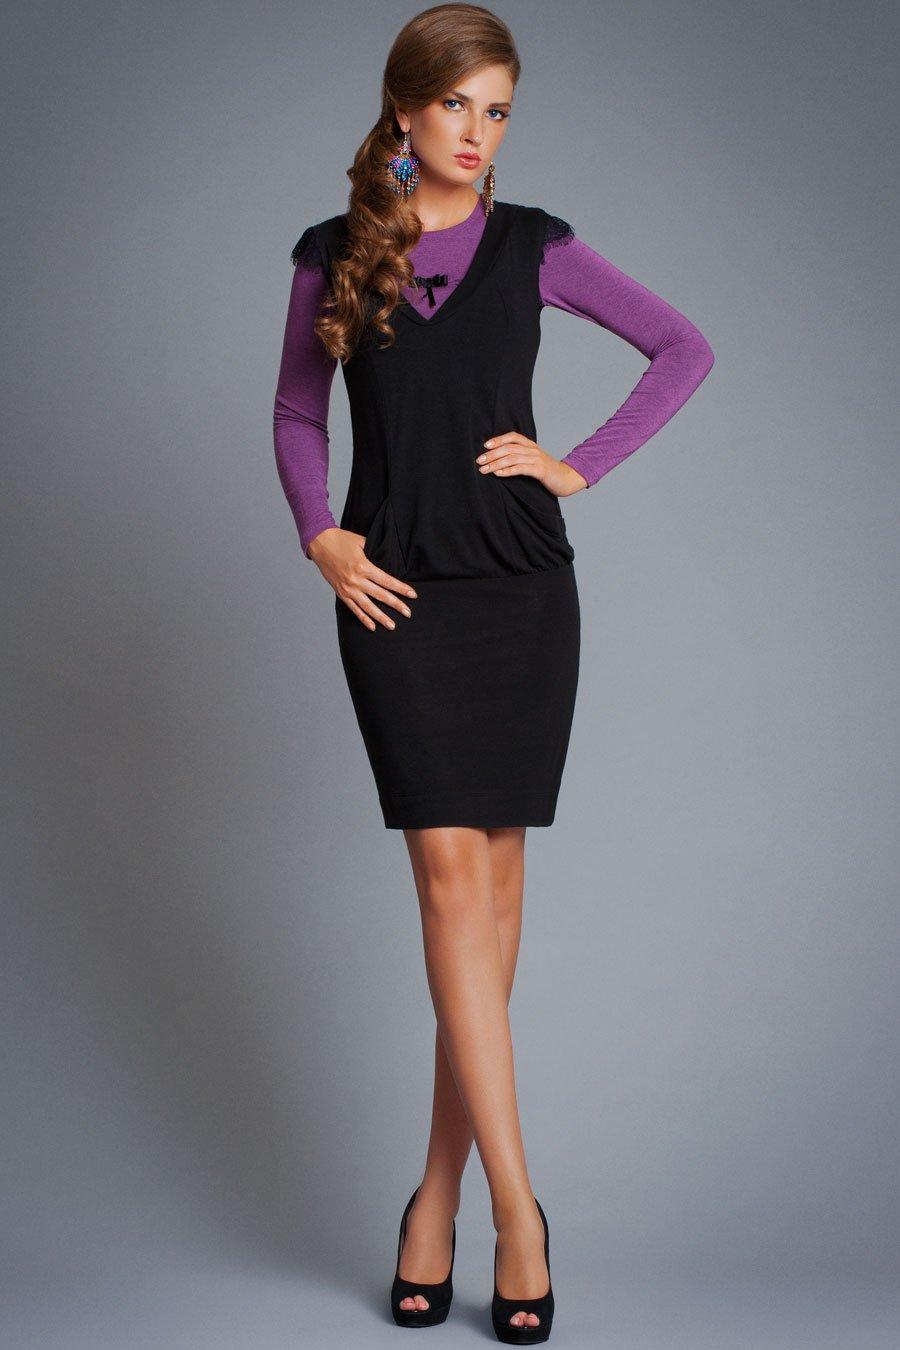 Модный портал. сарафаны теплые женские - Все о моде